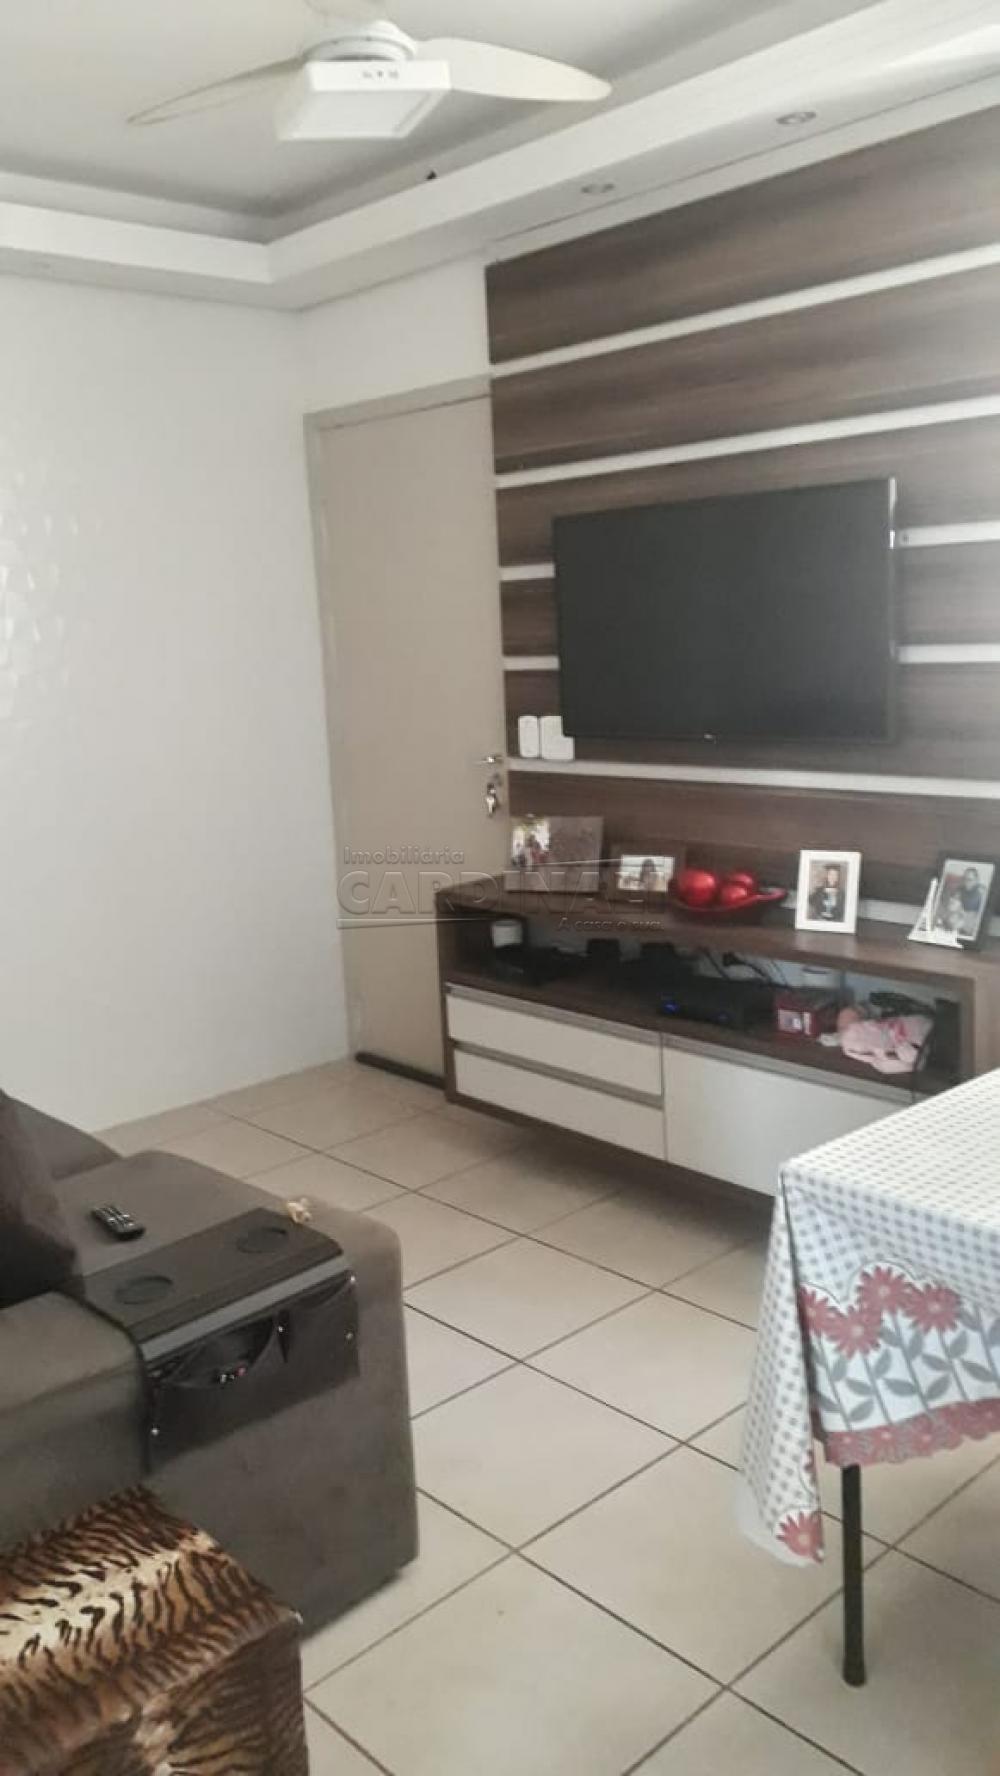 Comprar Apartamento / Padrão em Araraquara R$ 170.000,00 - Foto 1